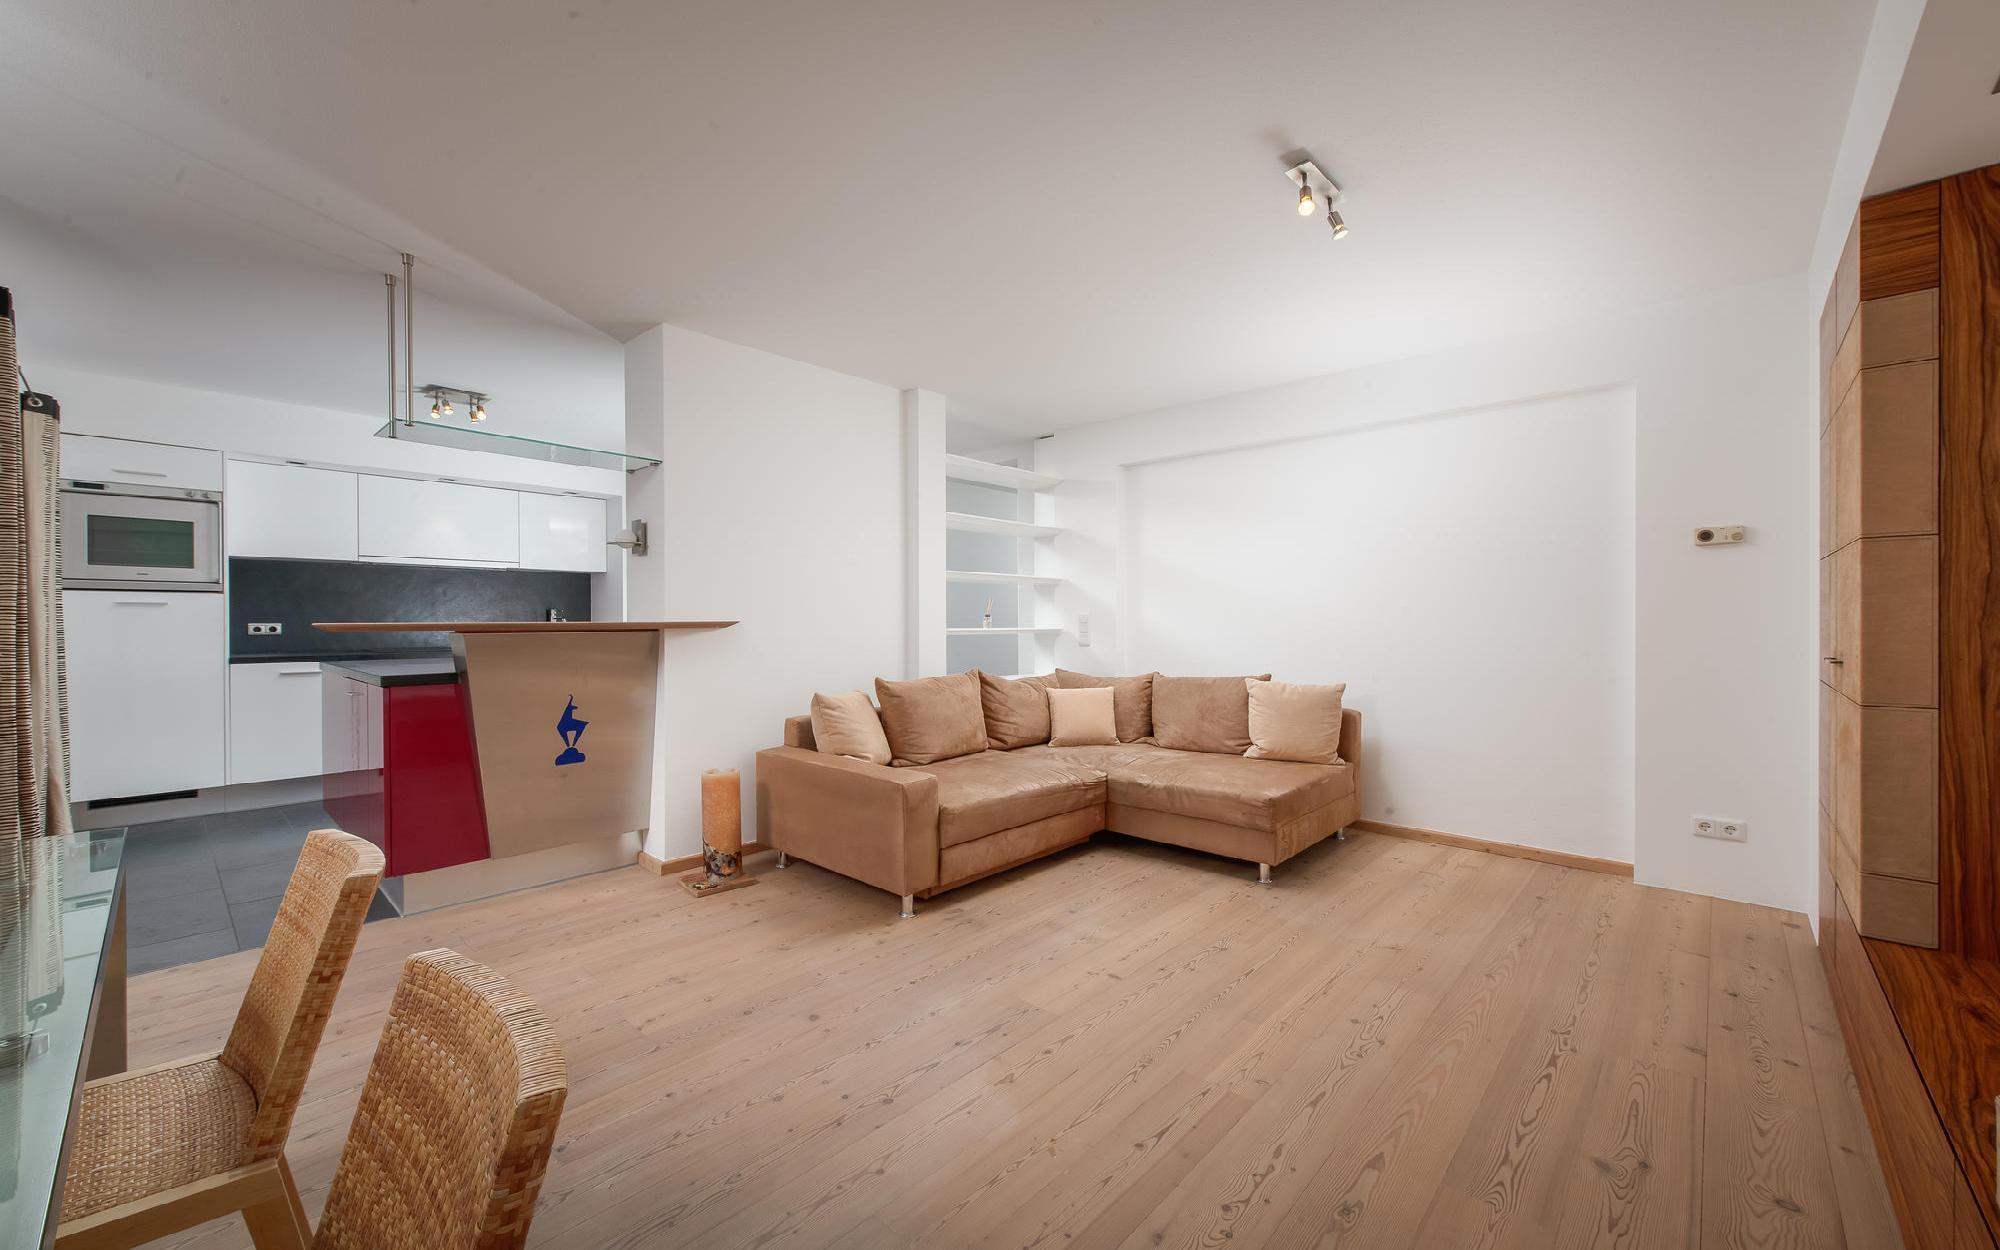 Immobilien - Traumhafte Dachgeschosswohnung in Aurach bei Kitzbühel, Aurach - Kitzbuehel